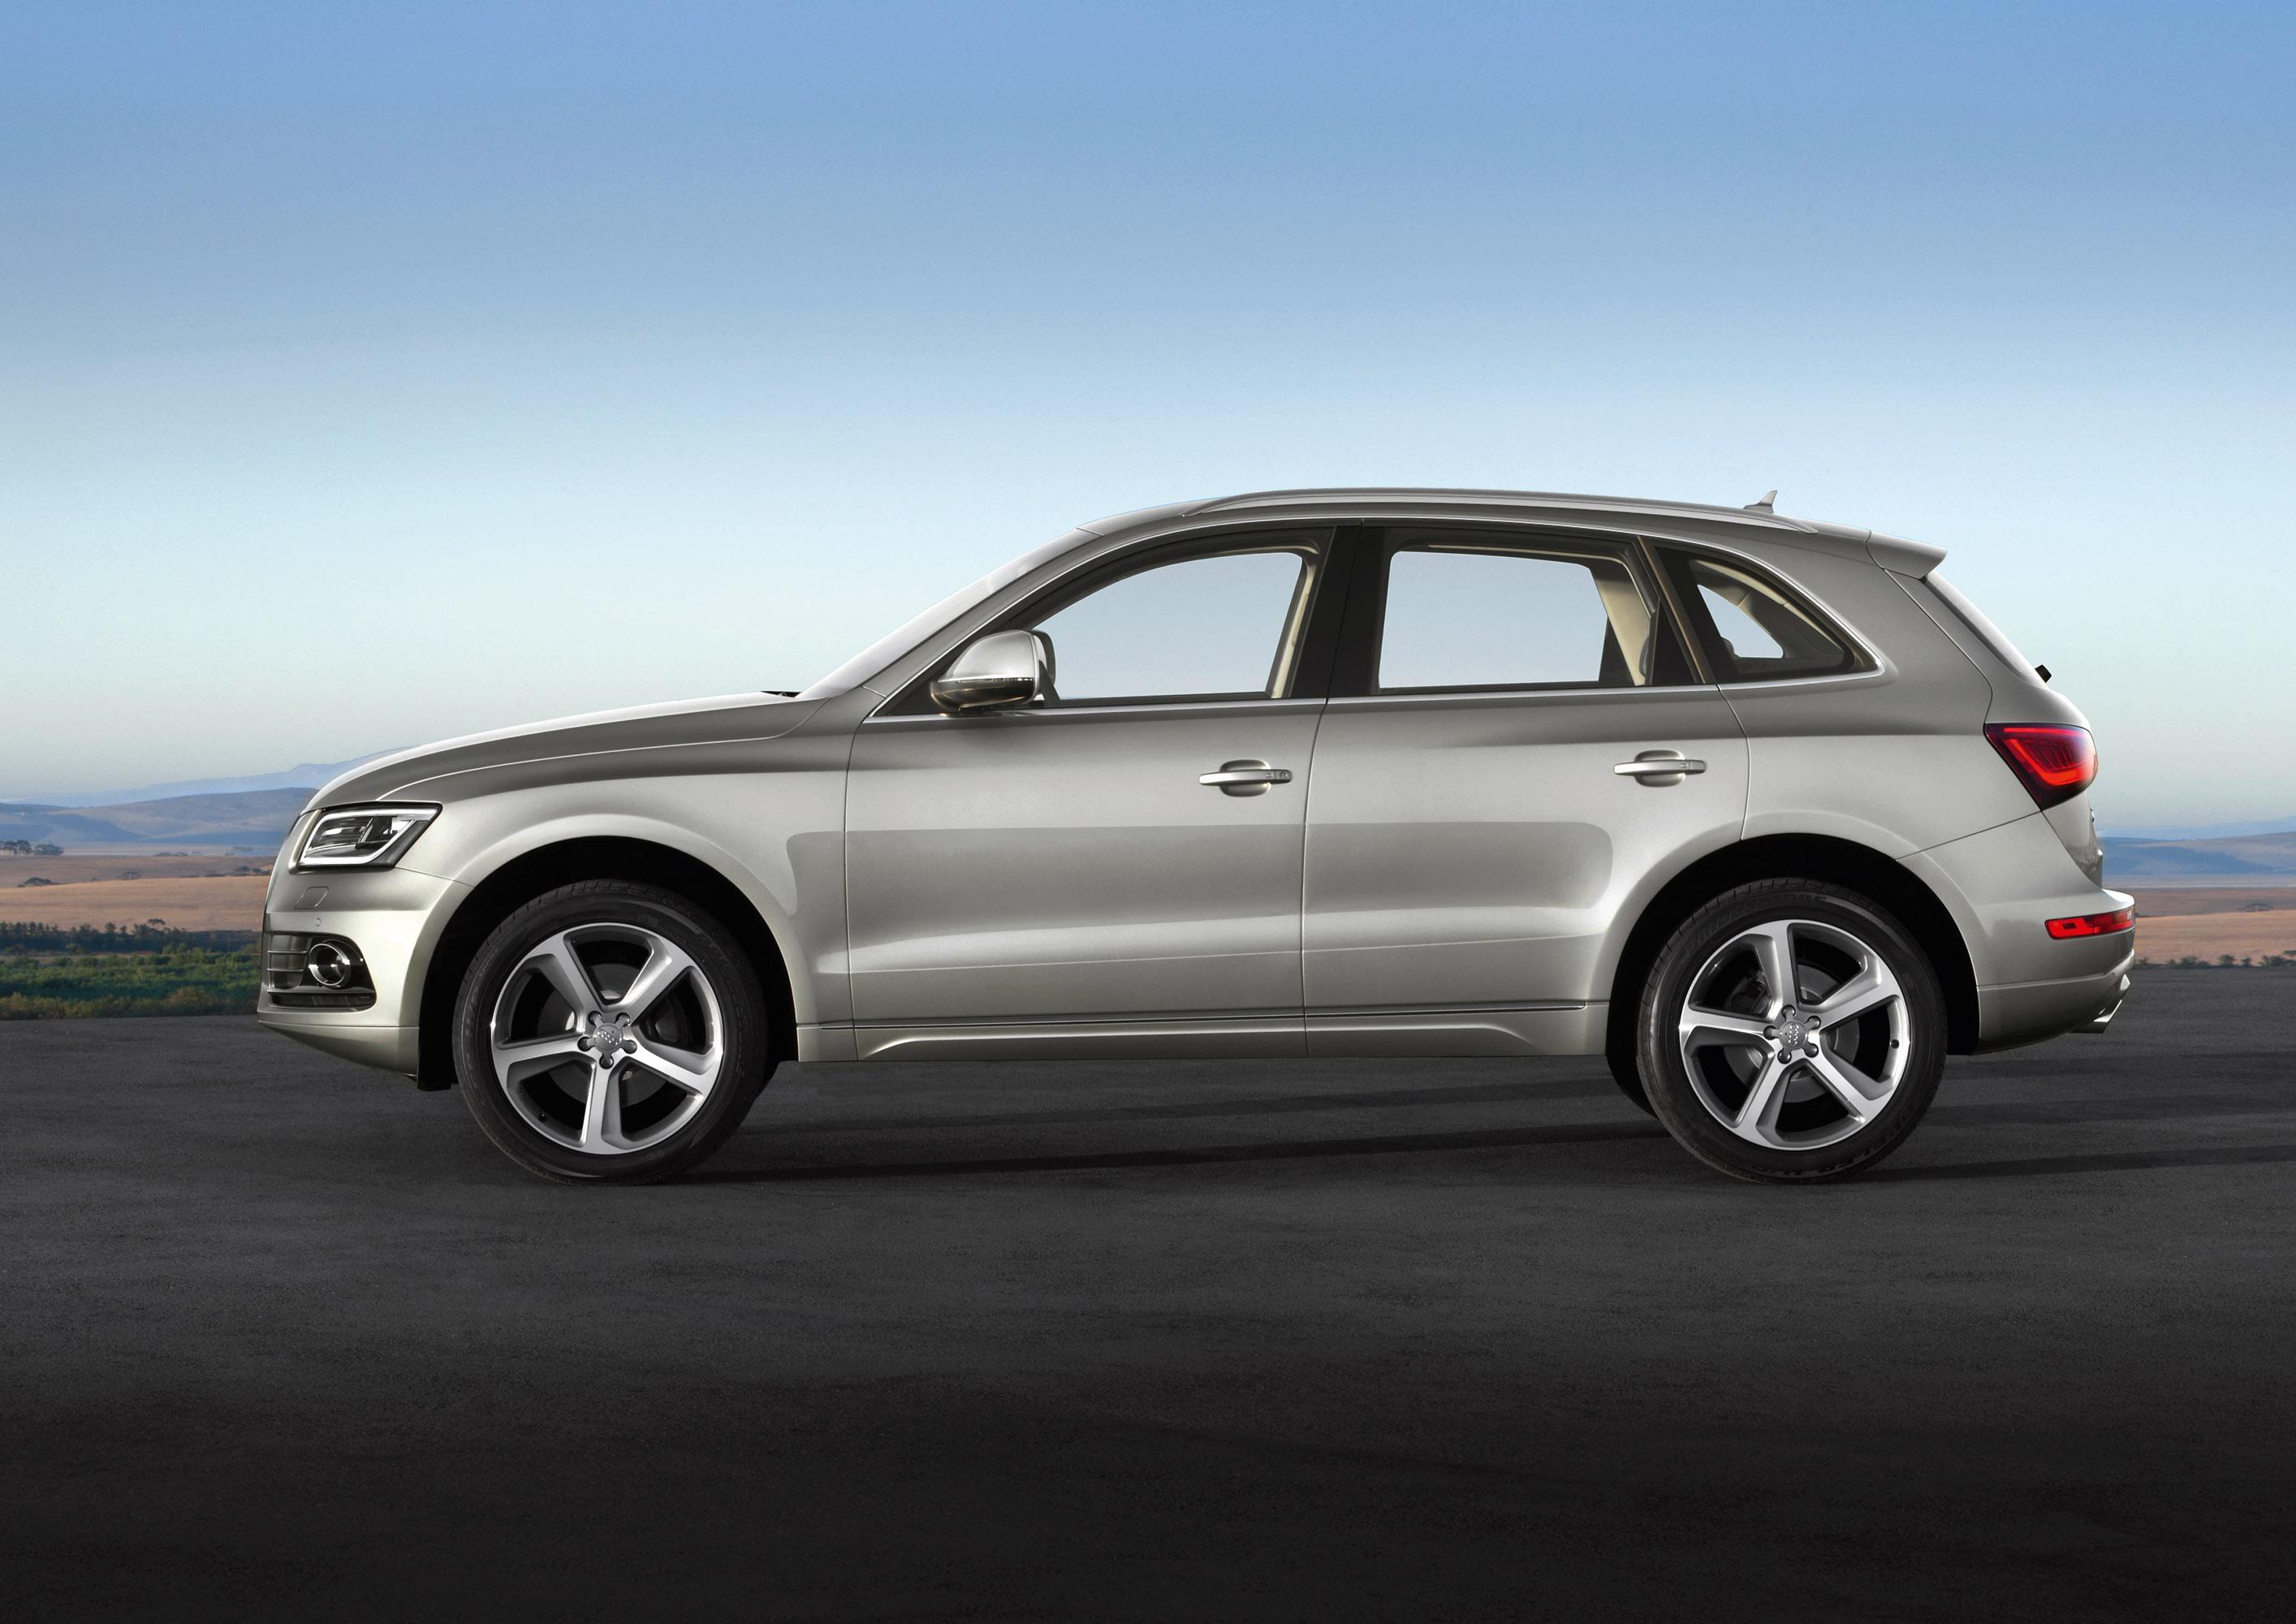 2013 Audi Q5 SUV - Picture 68544